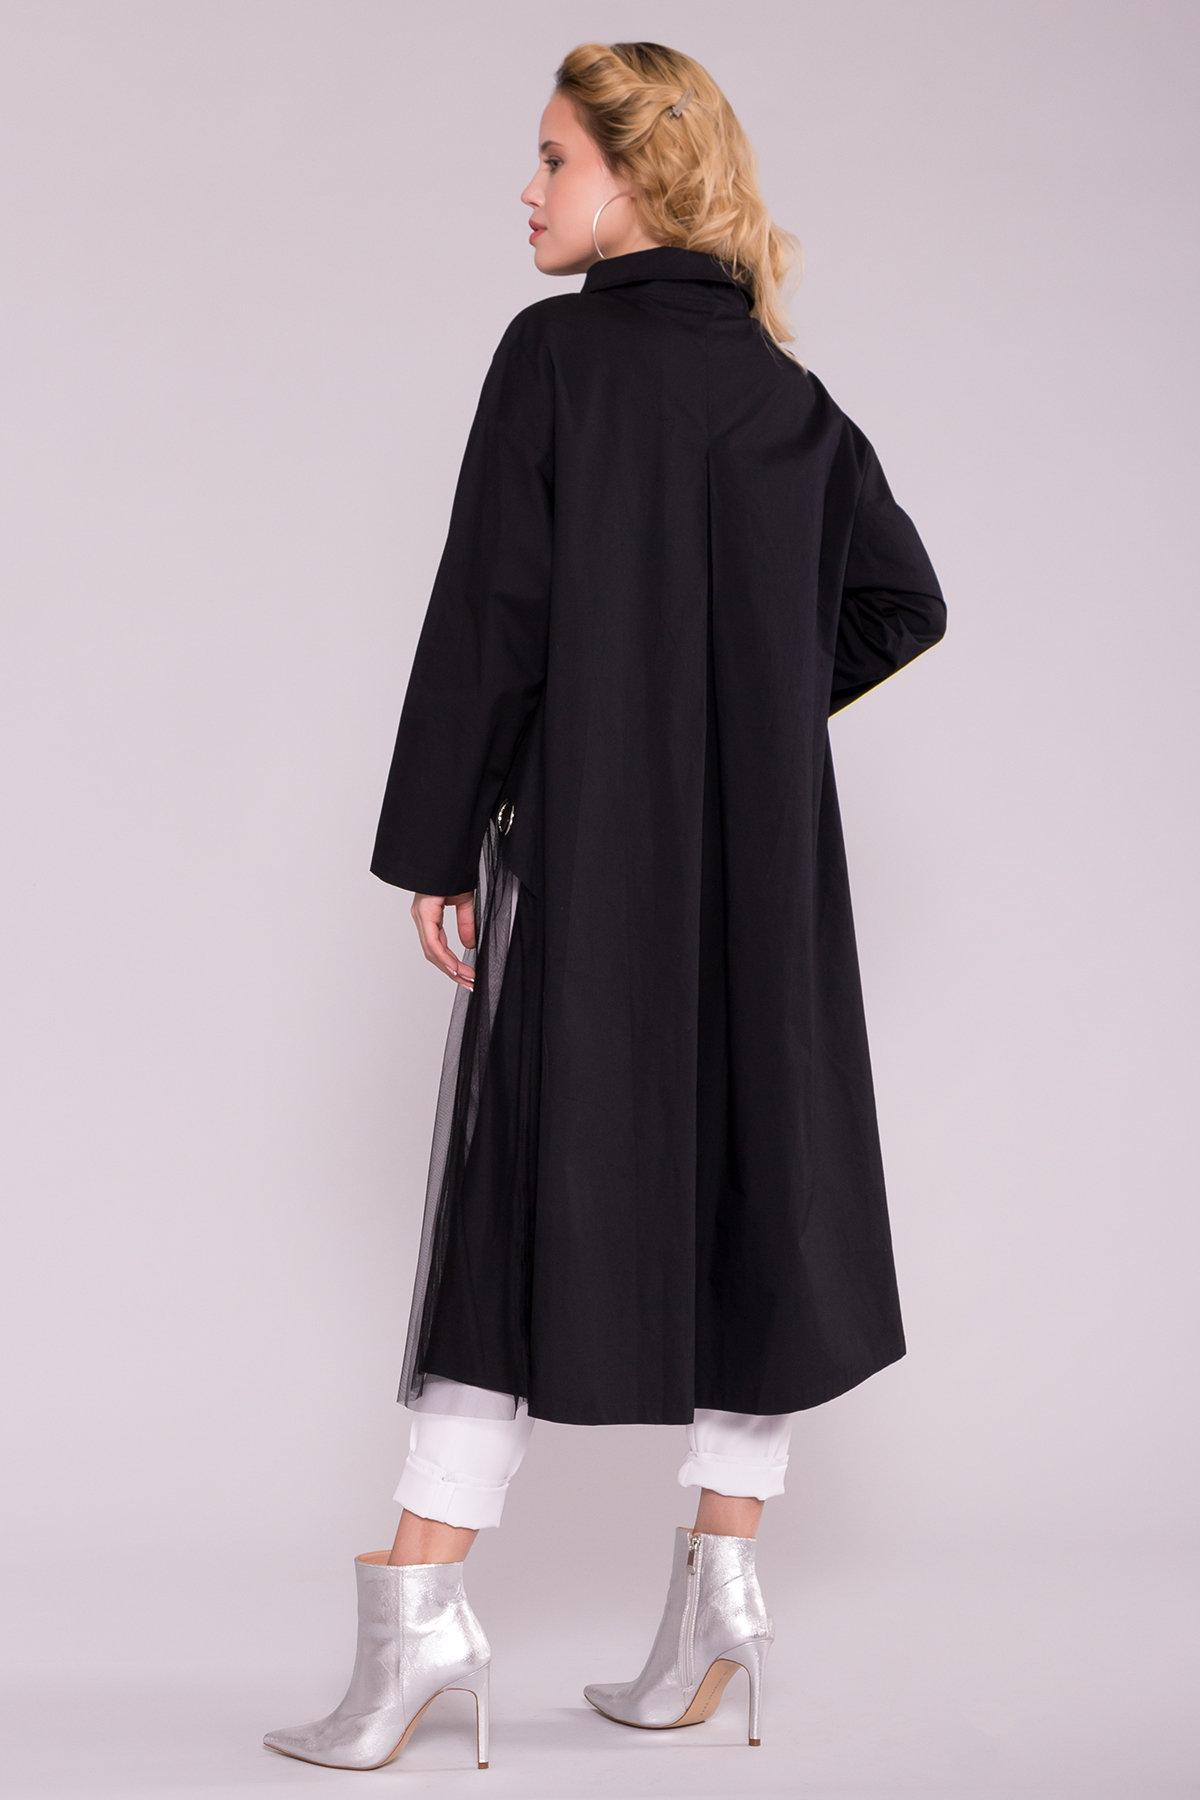 Черное Платье 7169 АРТ. 42592 Цвет: Черный - фото 2, интернет магазин tm-modus.ru